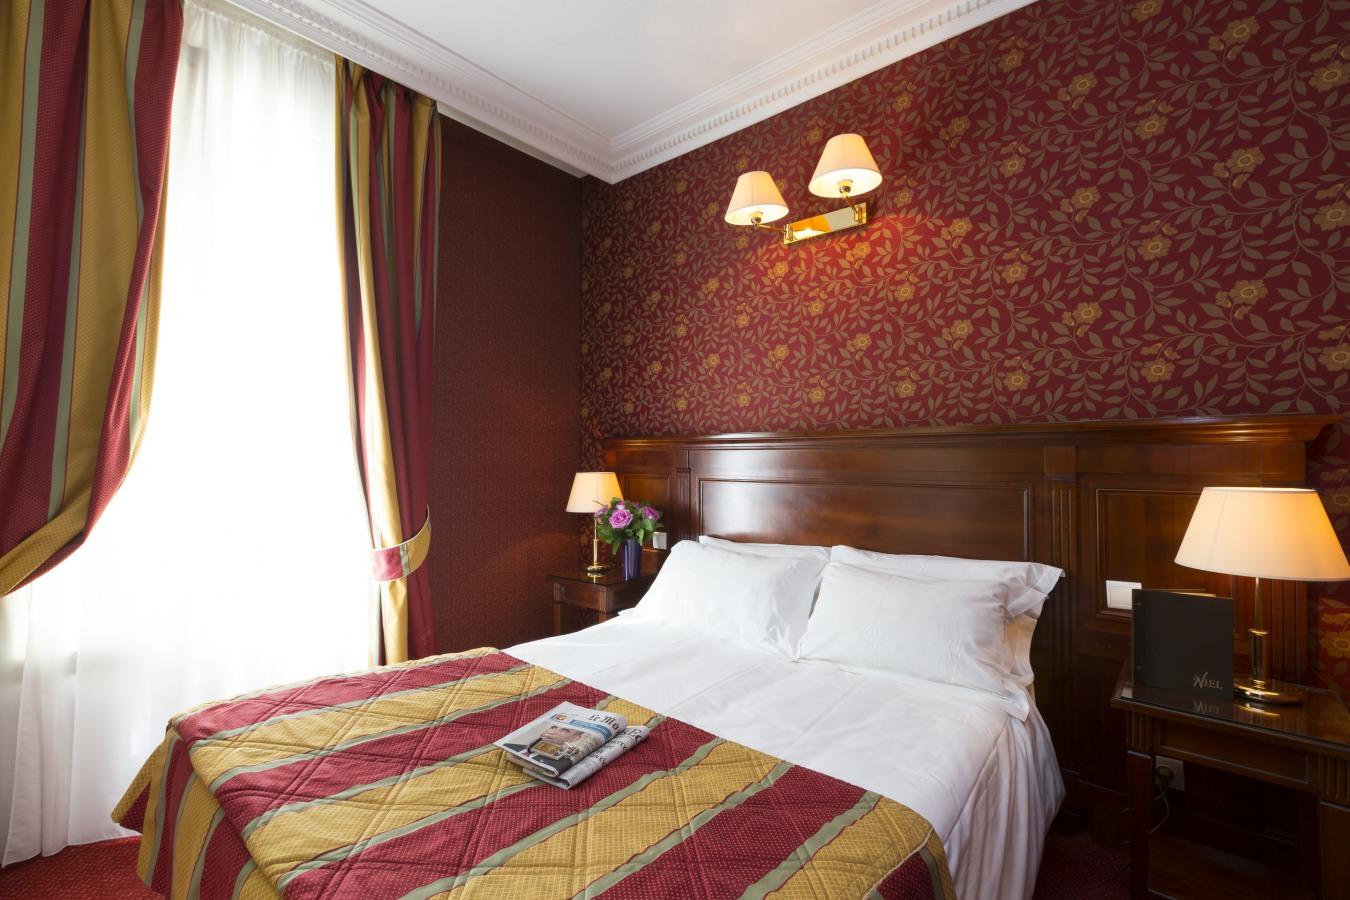 Hôtel Niel - Chambres